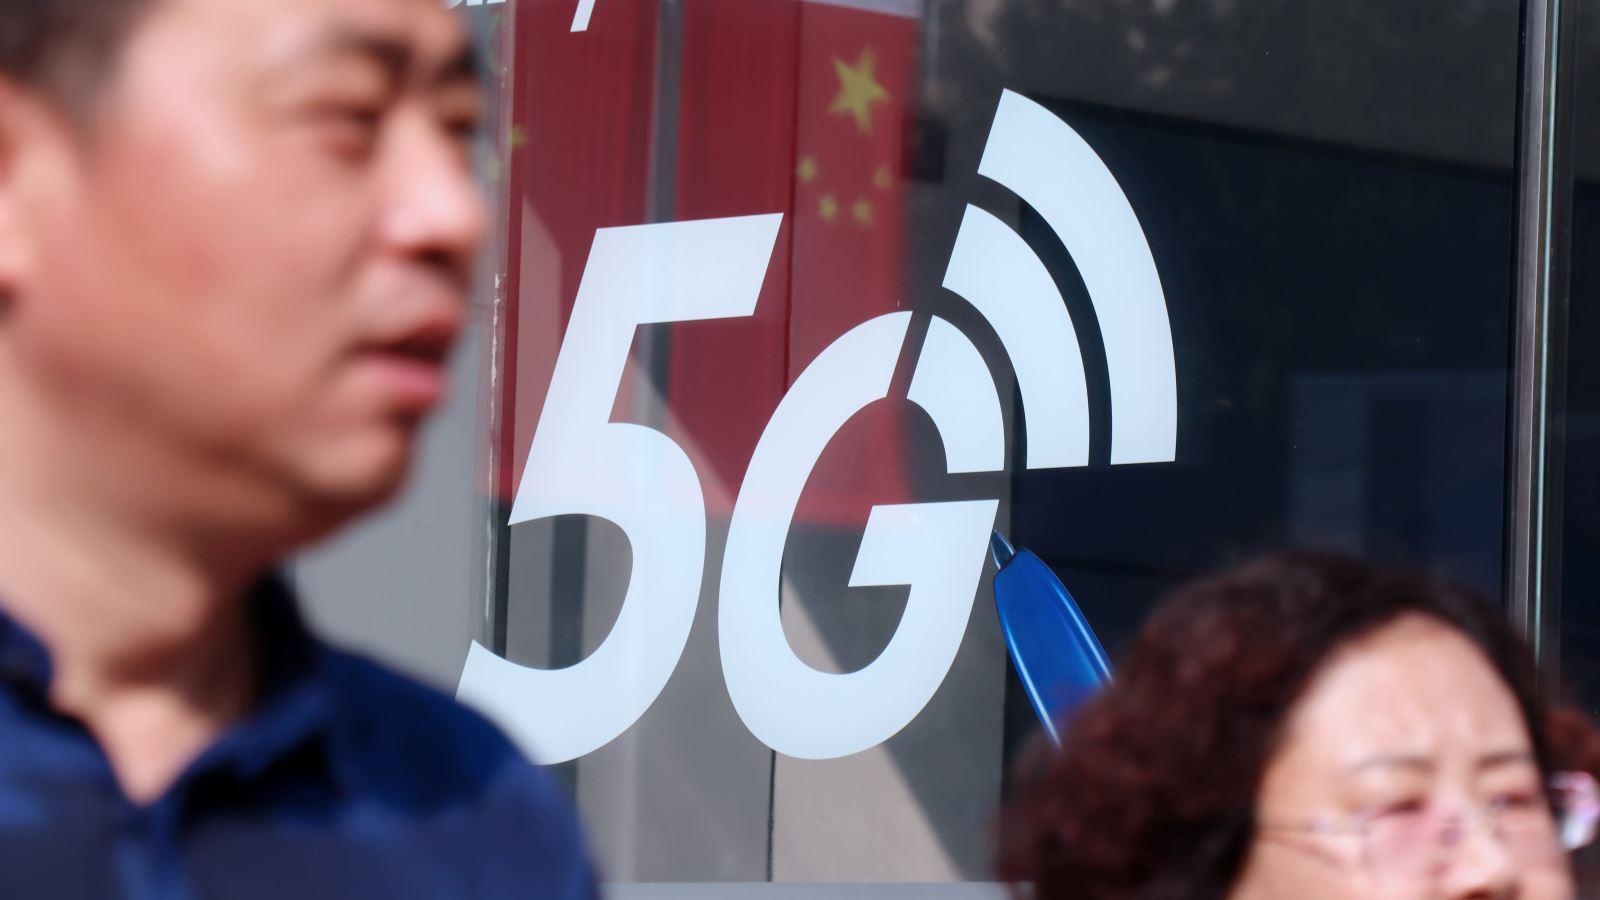 Mạng 5G Trung Quốc khuấy động các nhà cung cấp Nhật Bản - Ảnh 1.